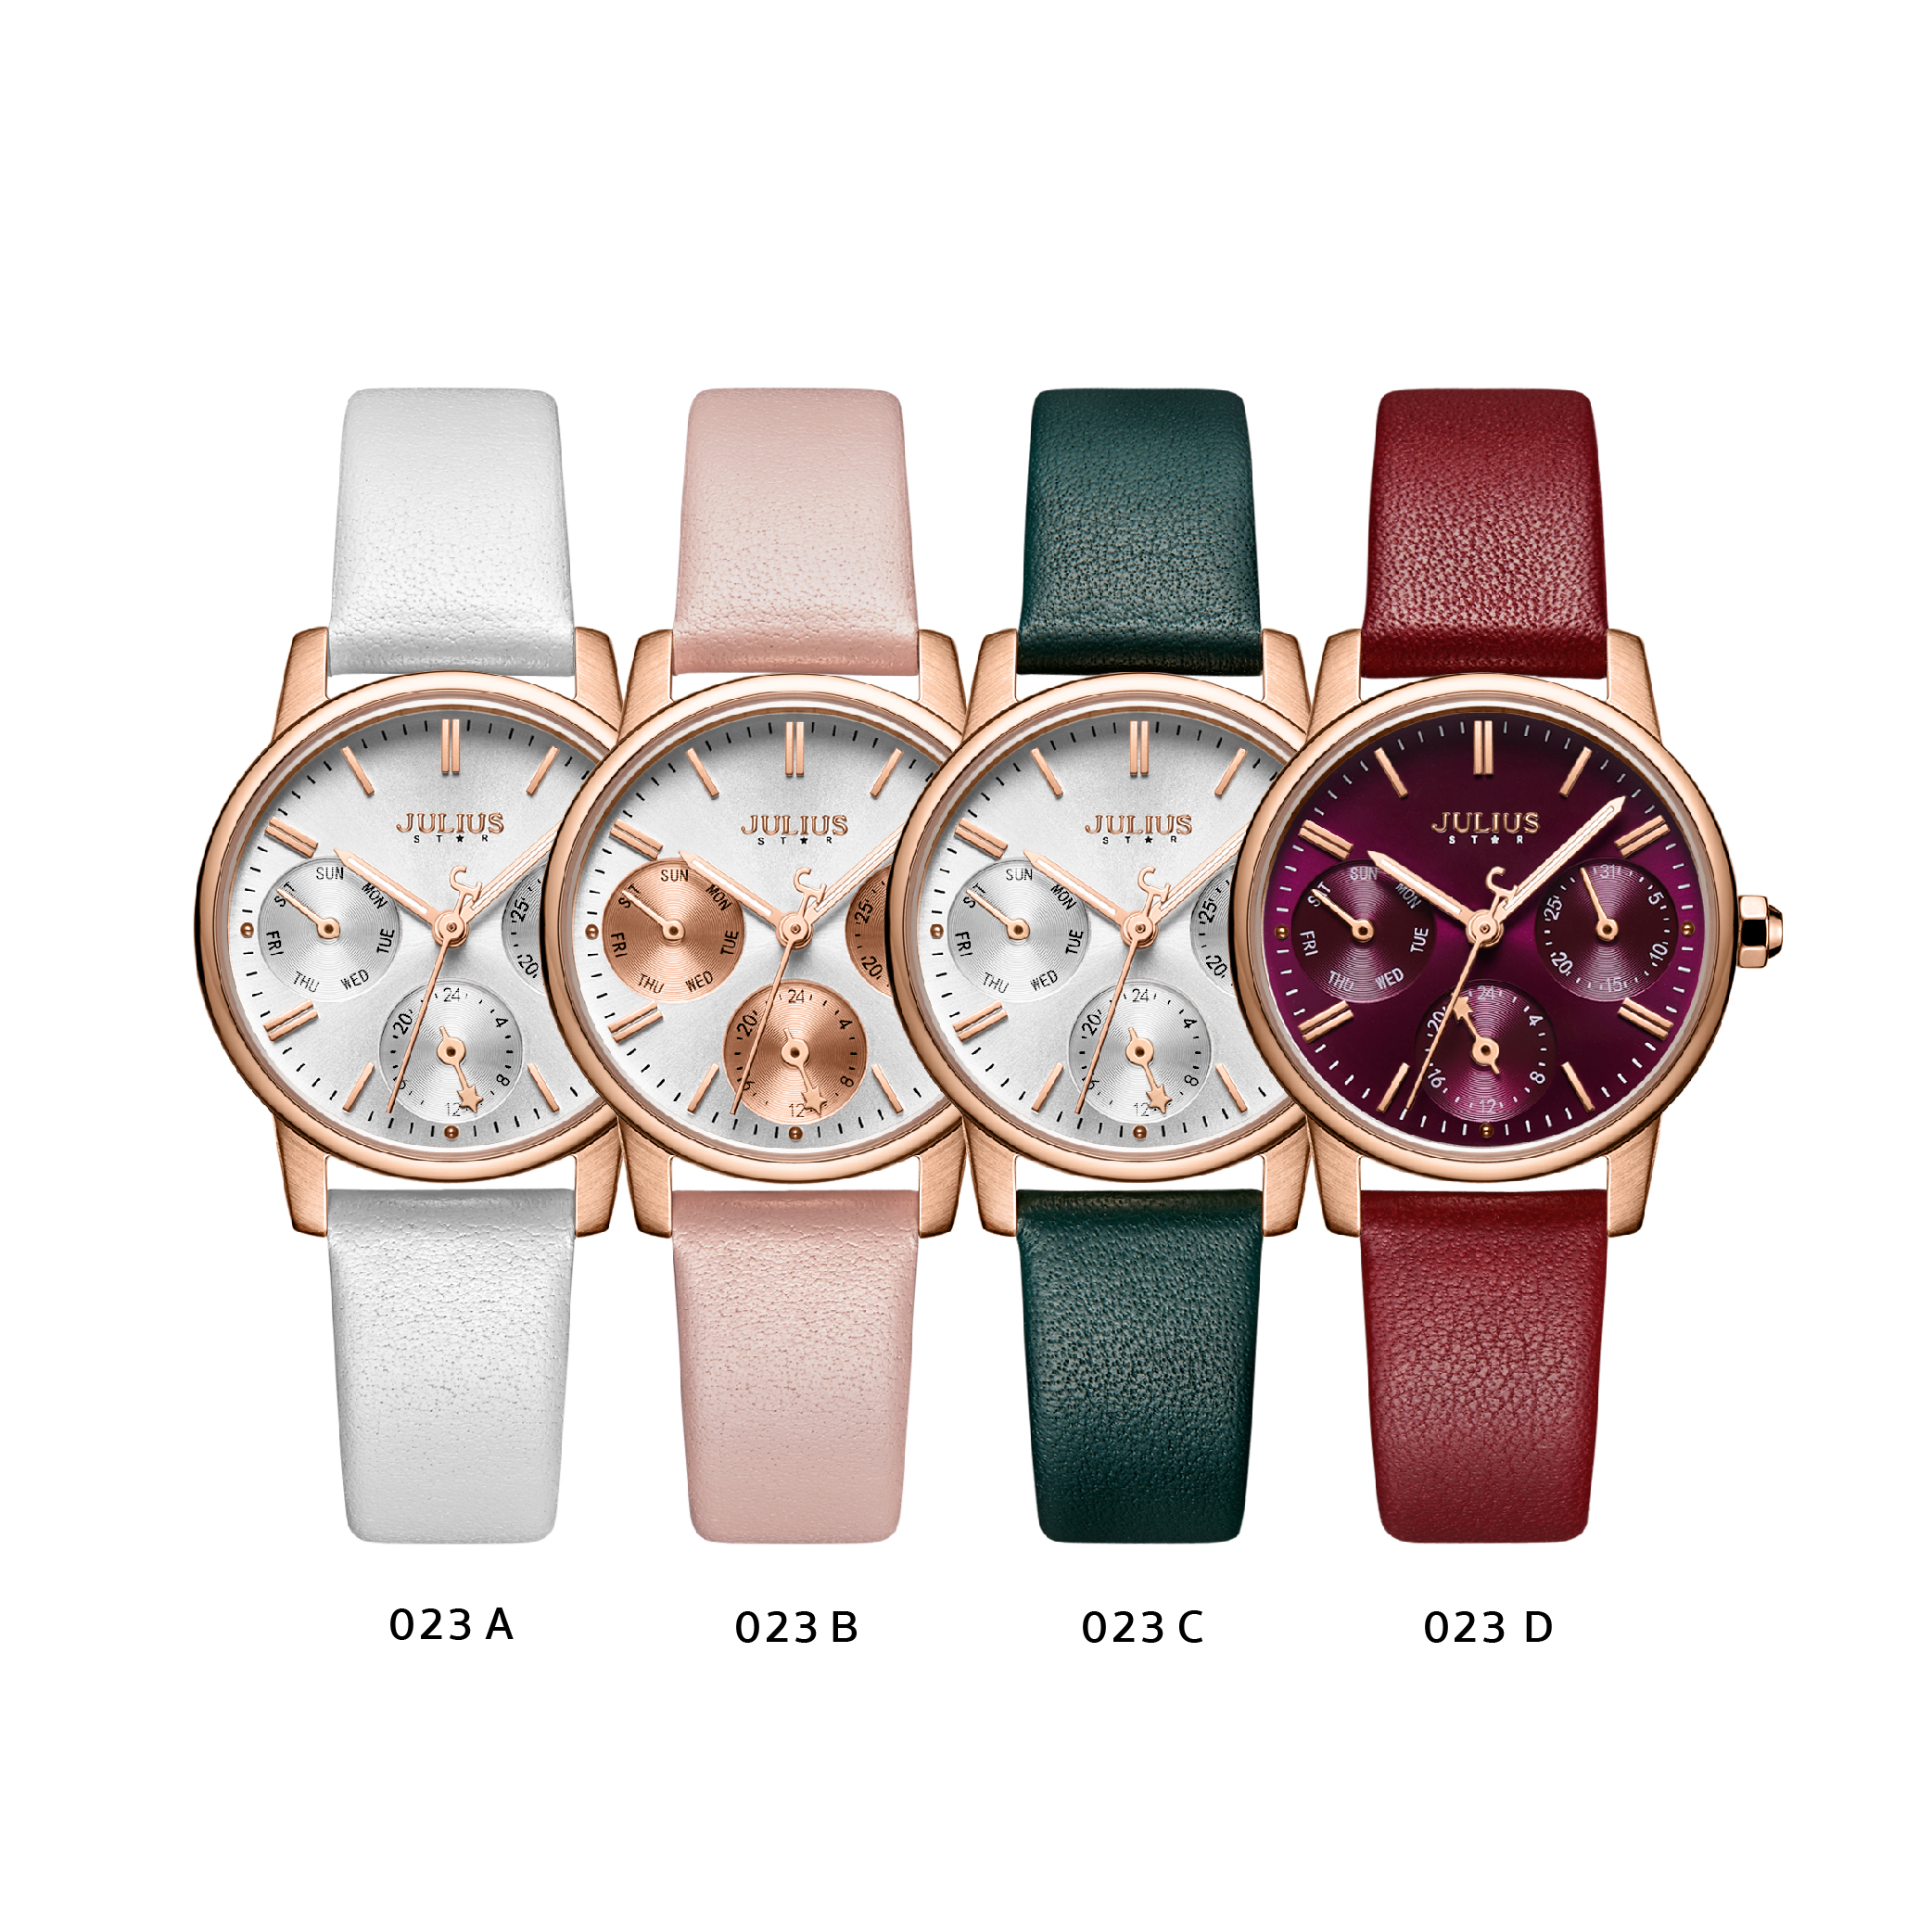 นาฬิกาข้อมือผู้หญิง JULIUS STAR JS-023 D